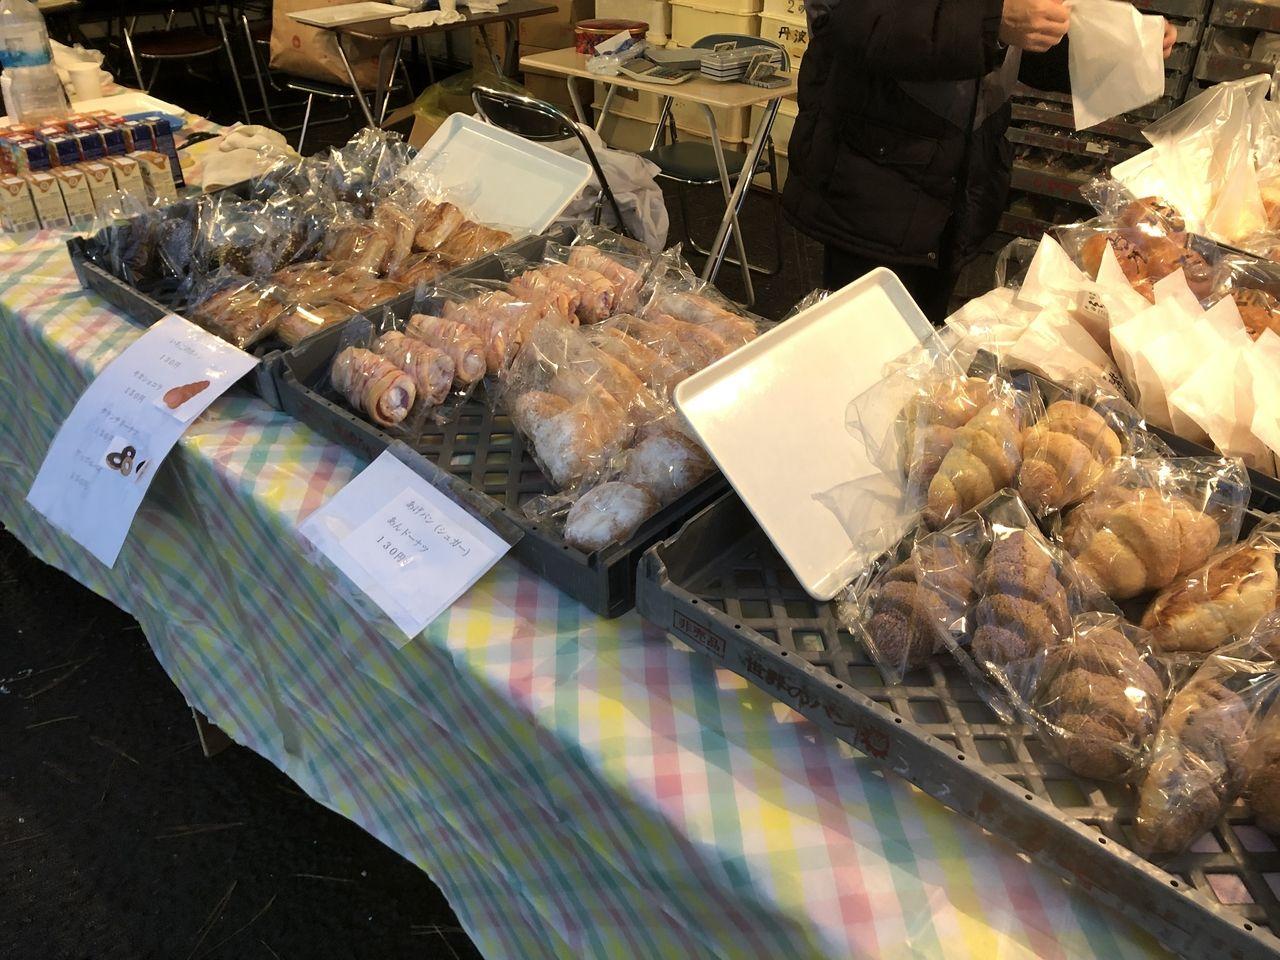 第39回いぶすき菜の花マラソンでパン屋さんもあり、こちらでも妻がパンを買っていました。